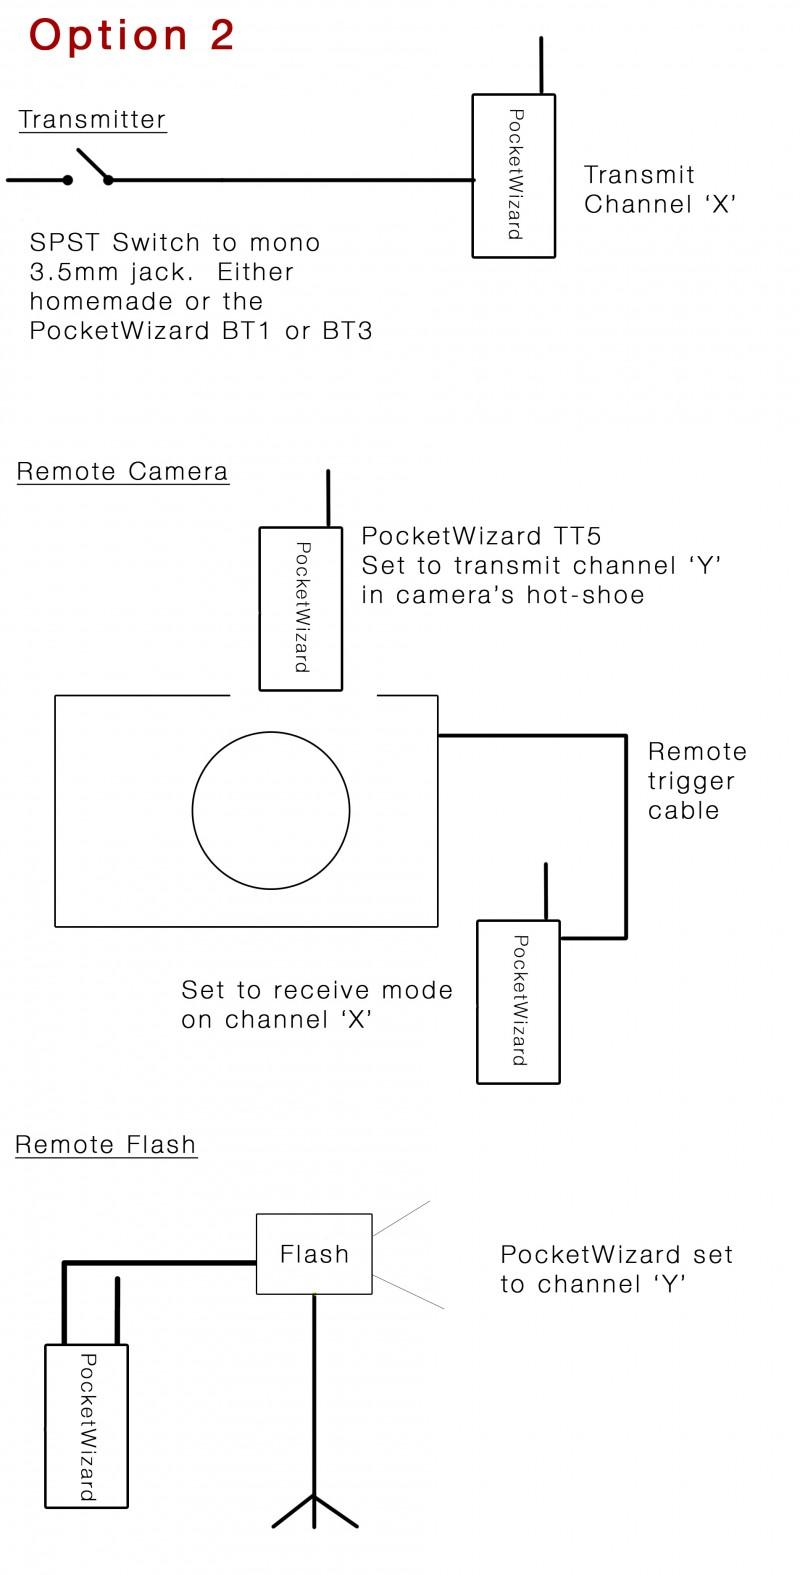 Remote camera setup with flas pocketwizards